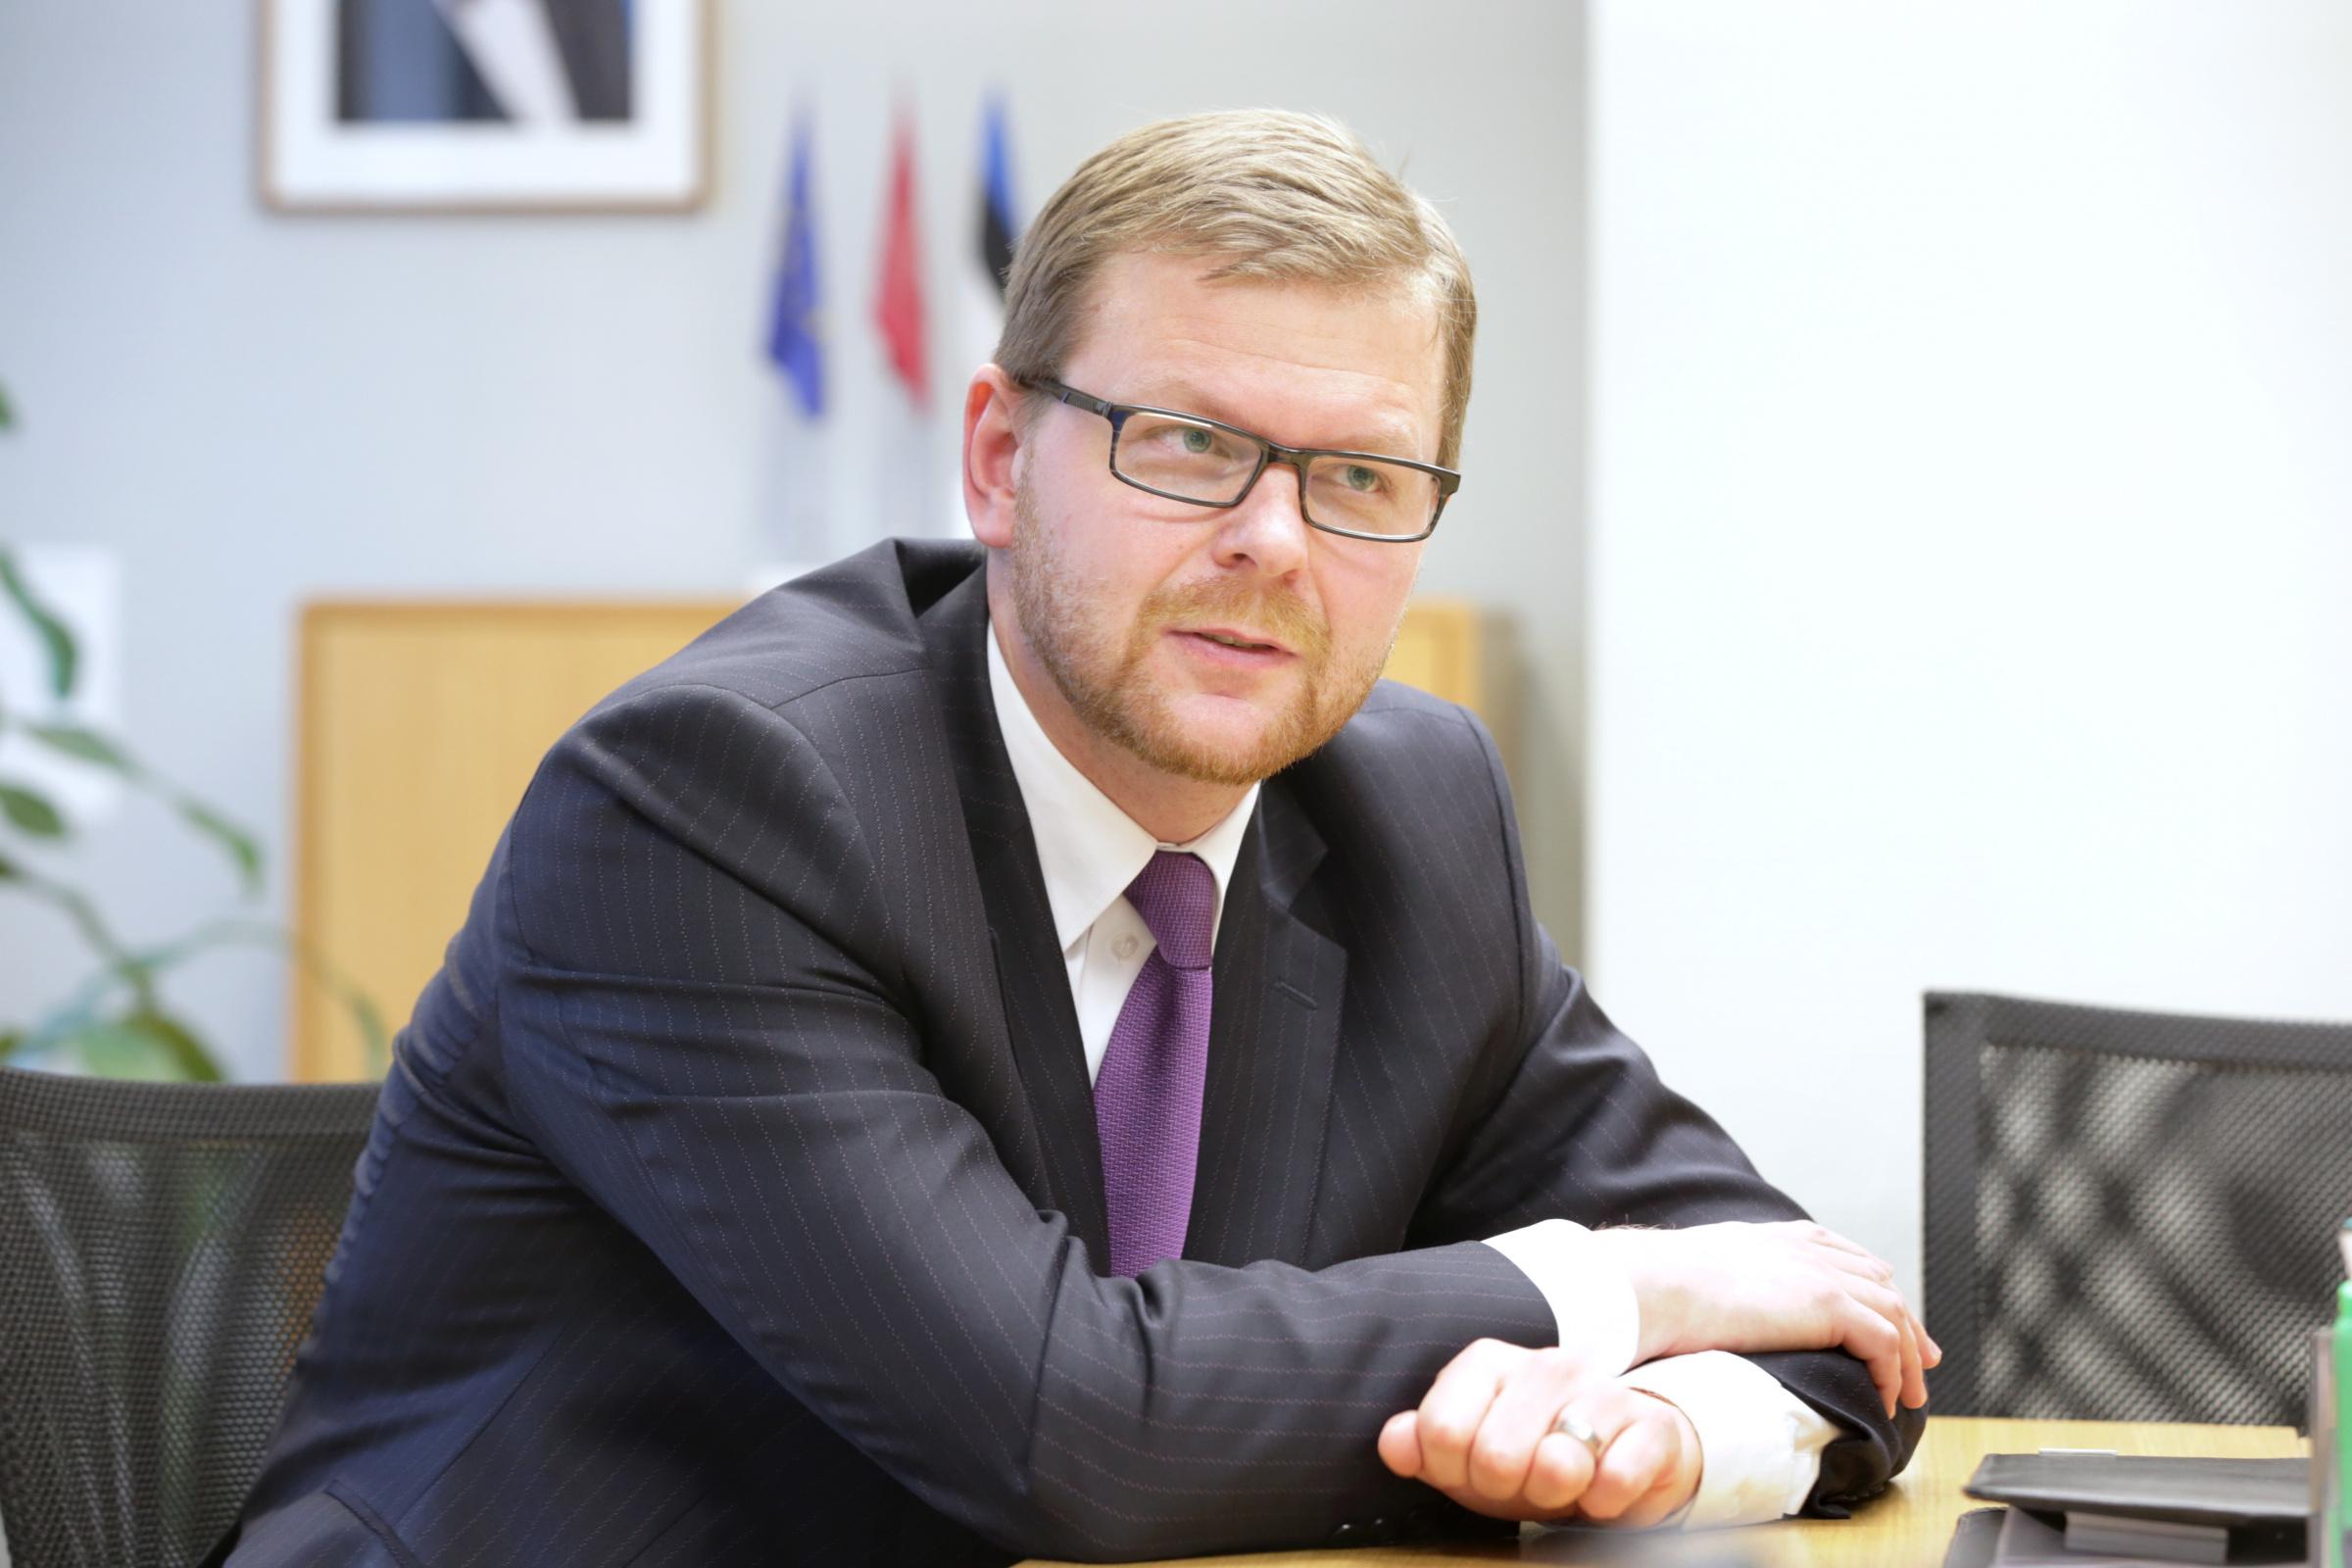 Finantsinspektsiooni juhatuse esimees KILVAR KESSLER pl/FOTO PEETER LANGOVITS/ POSTIMEES/ SCANPIX